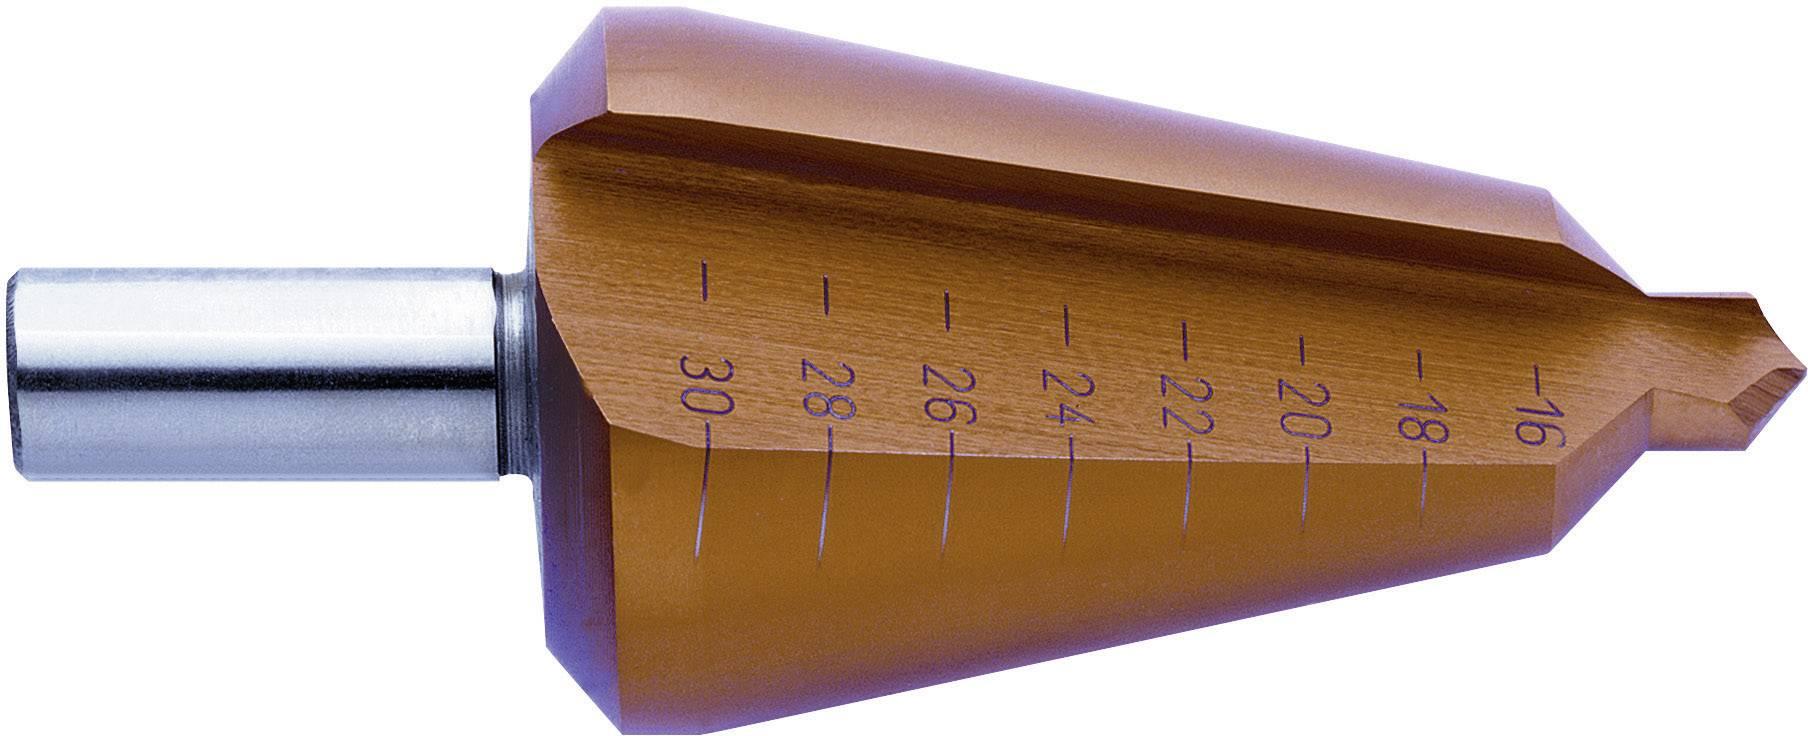 Lúpací vrták Exact 50102, 4 - 20 mm, TiN, 1 ks